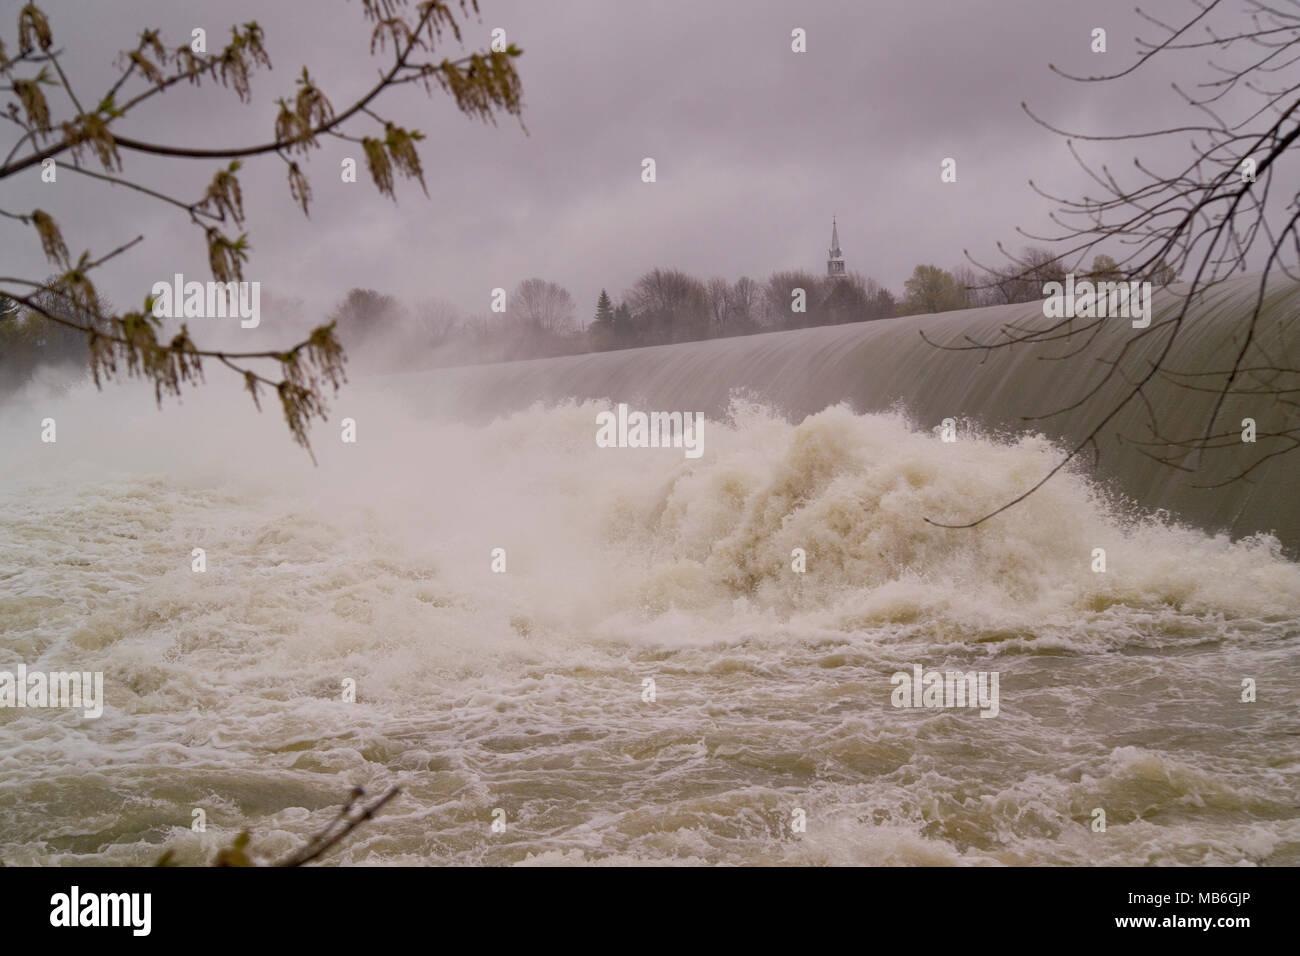 Schnelle Fluss Wasser mit Schaum und Nebel im Frühjahr Zeit gefallen. Stockbild